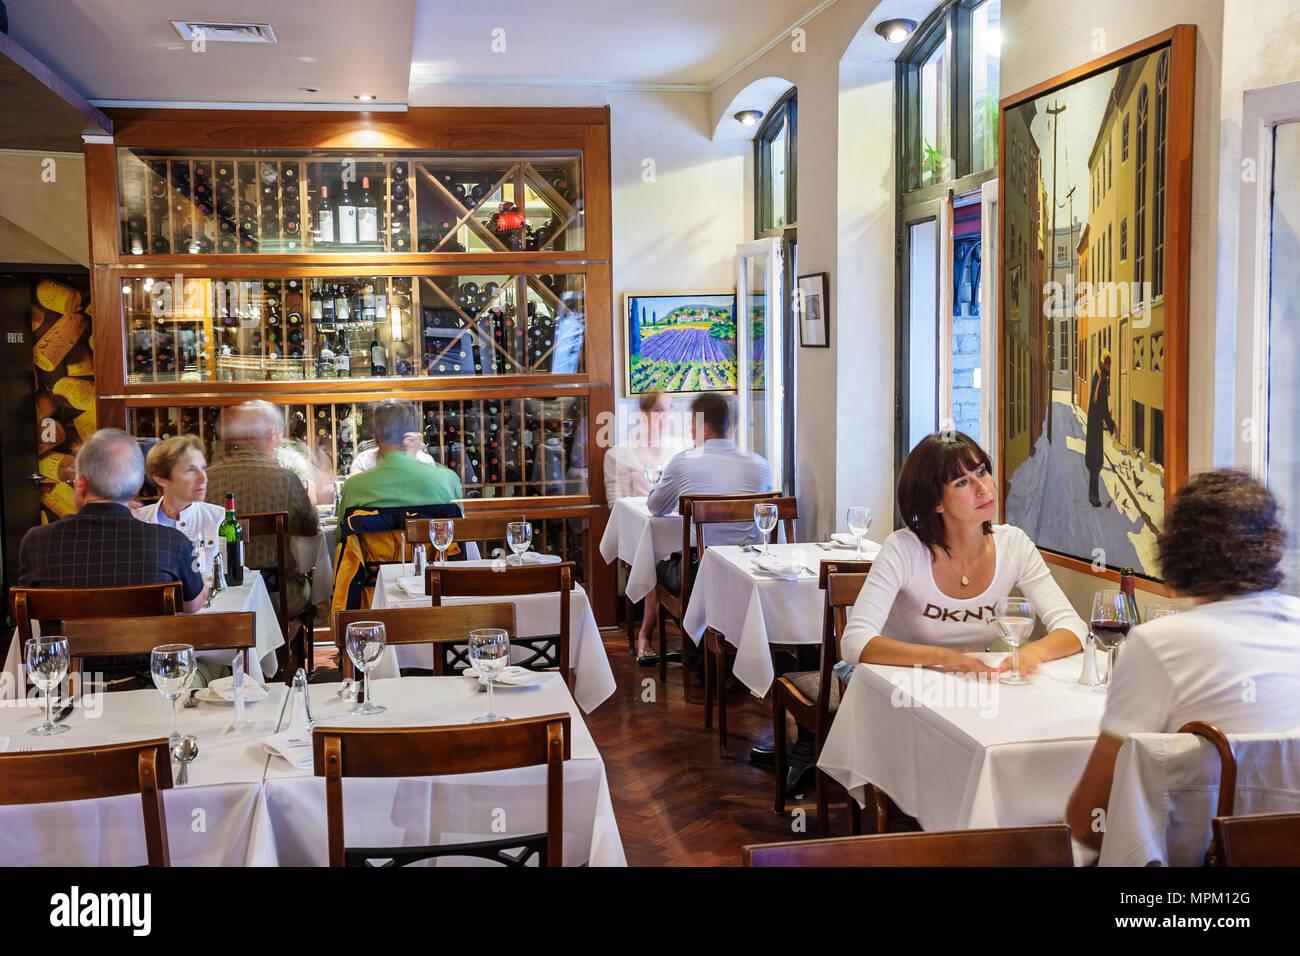 Città di Québec in Canada la Città Bassa Rue du Sault au Matelot L'Echaude Ristorante sala da pranzo Tavoli Immagini Stock